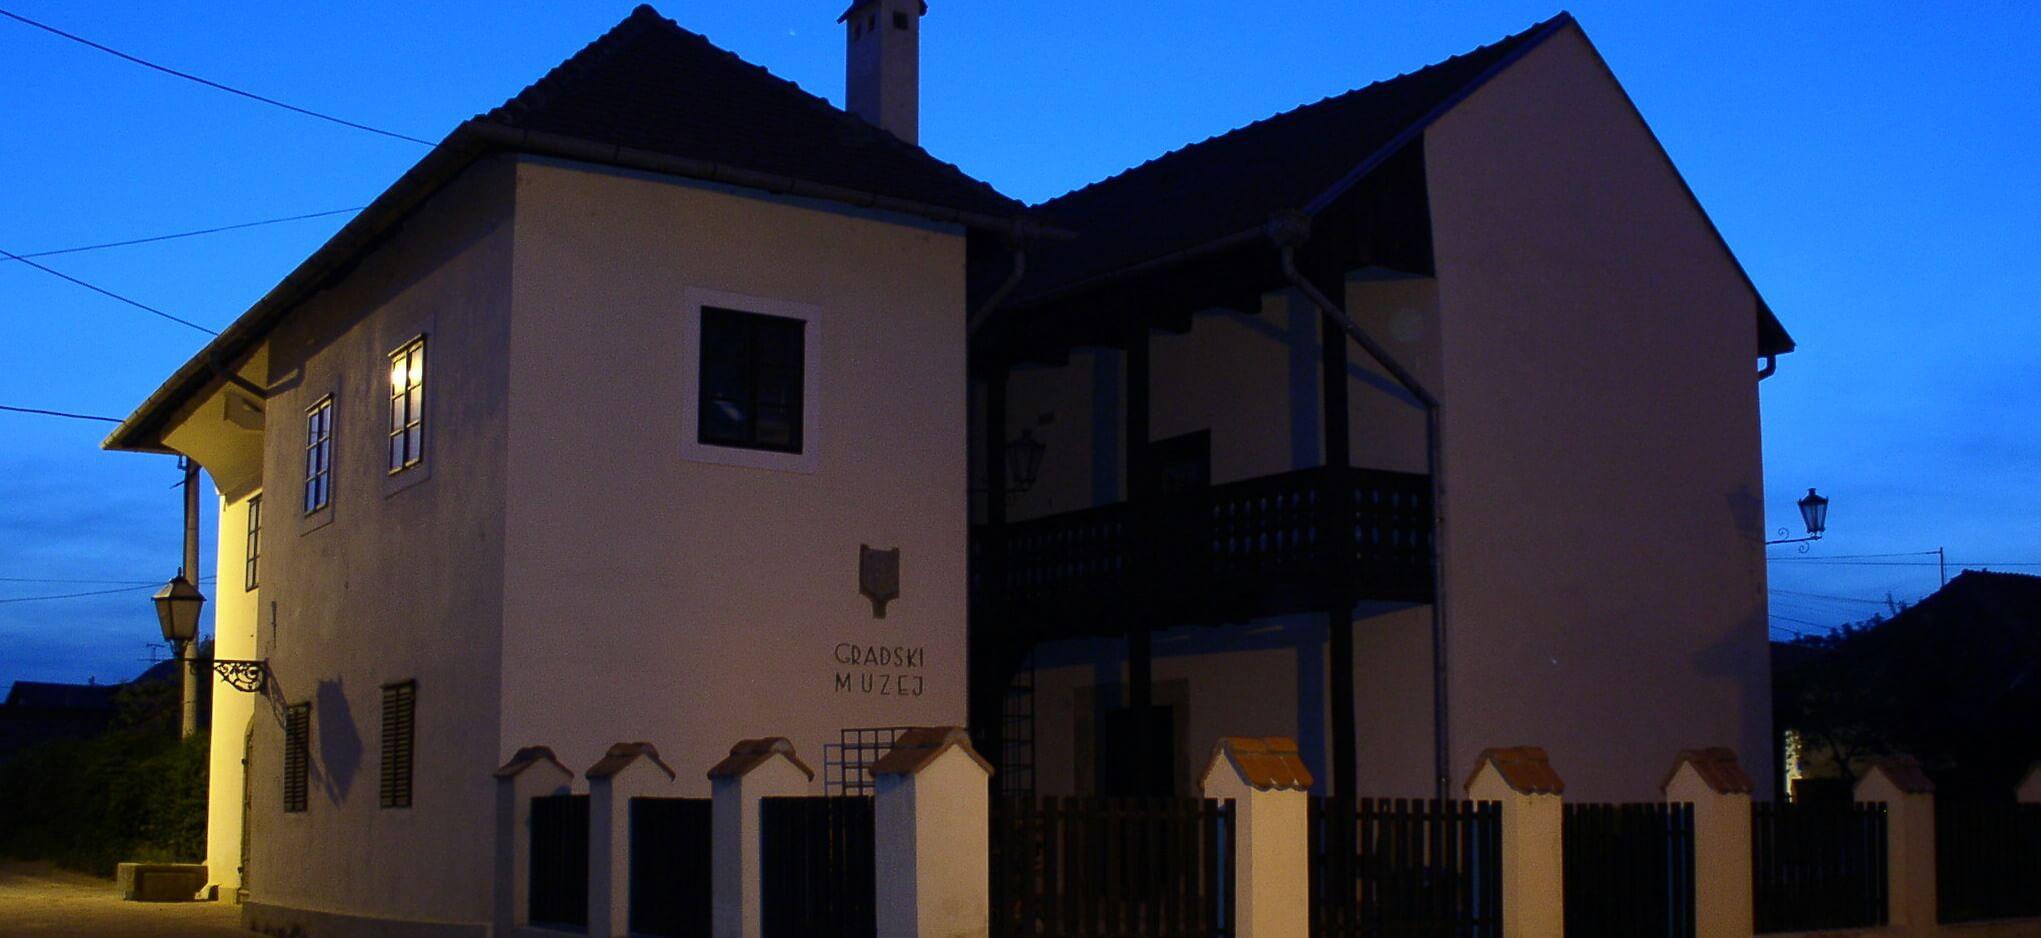 Gradski muzej Križevci